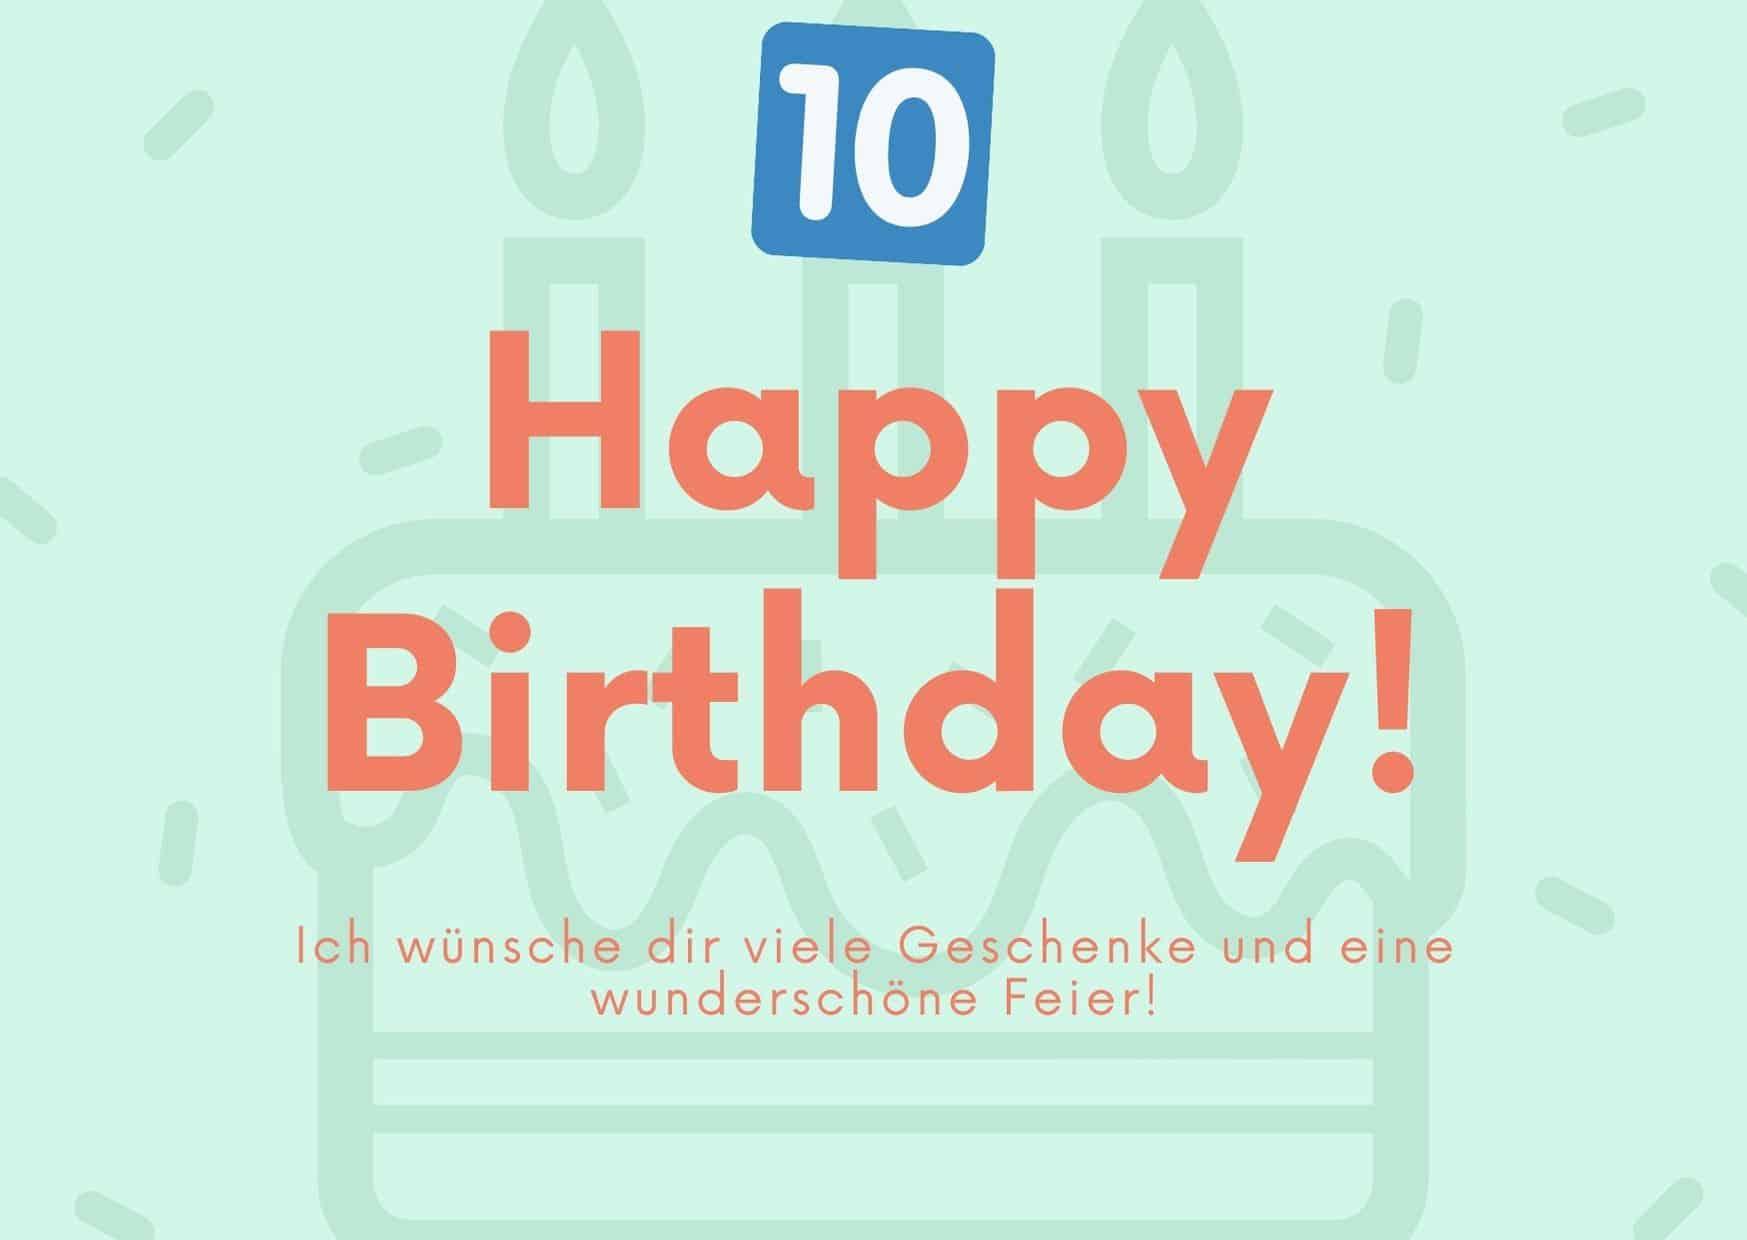 Glückwünsche zum 10. Geburtstag von der Tante